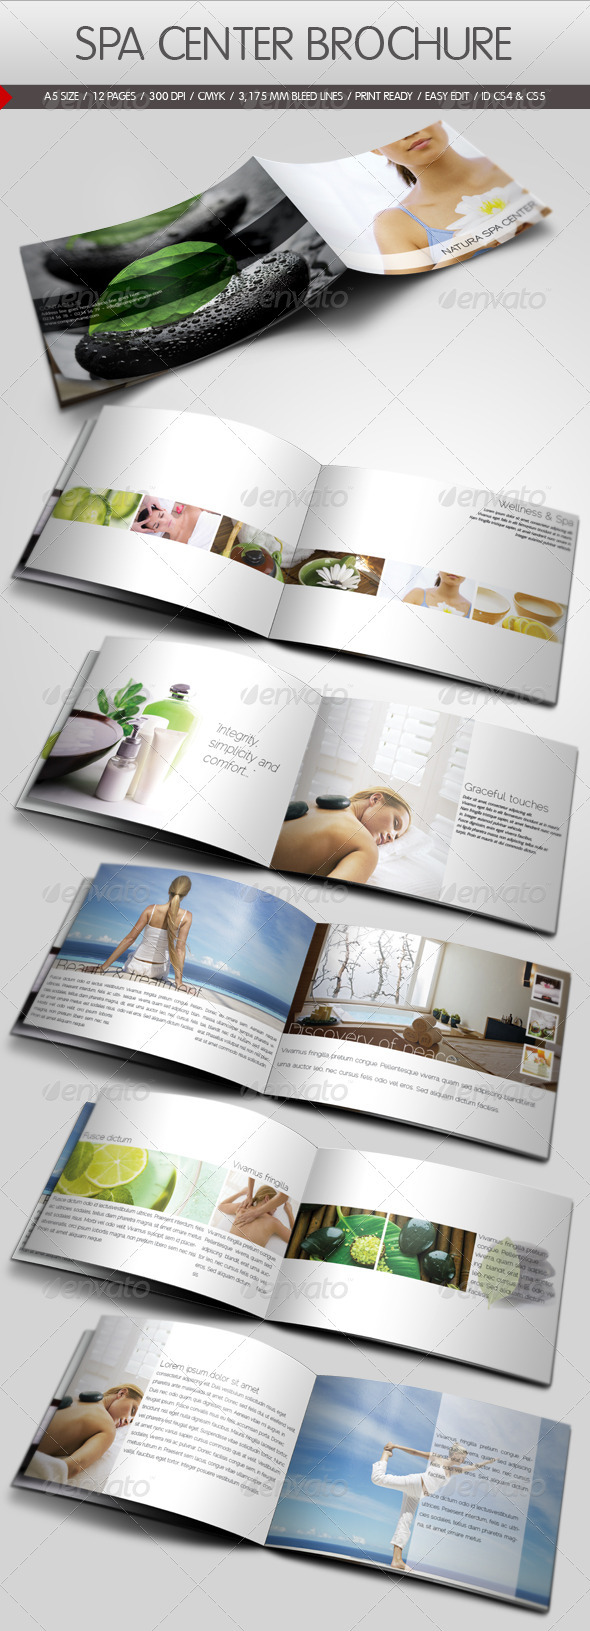 GraphicRiver Spa Center Brochure Template 526380